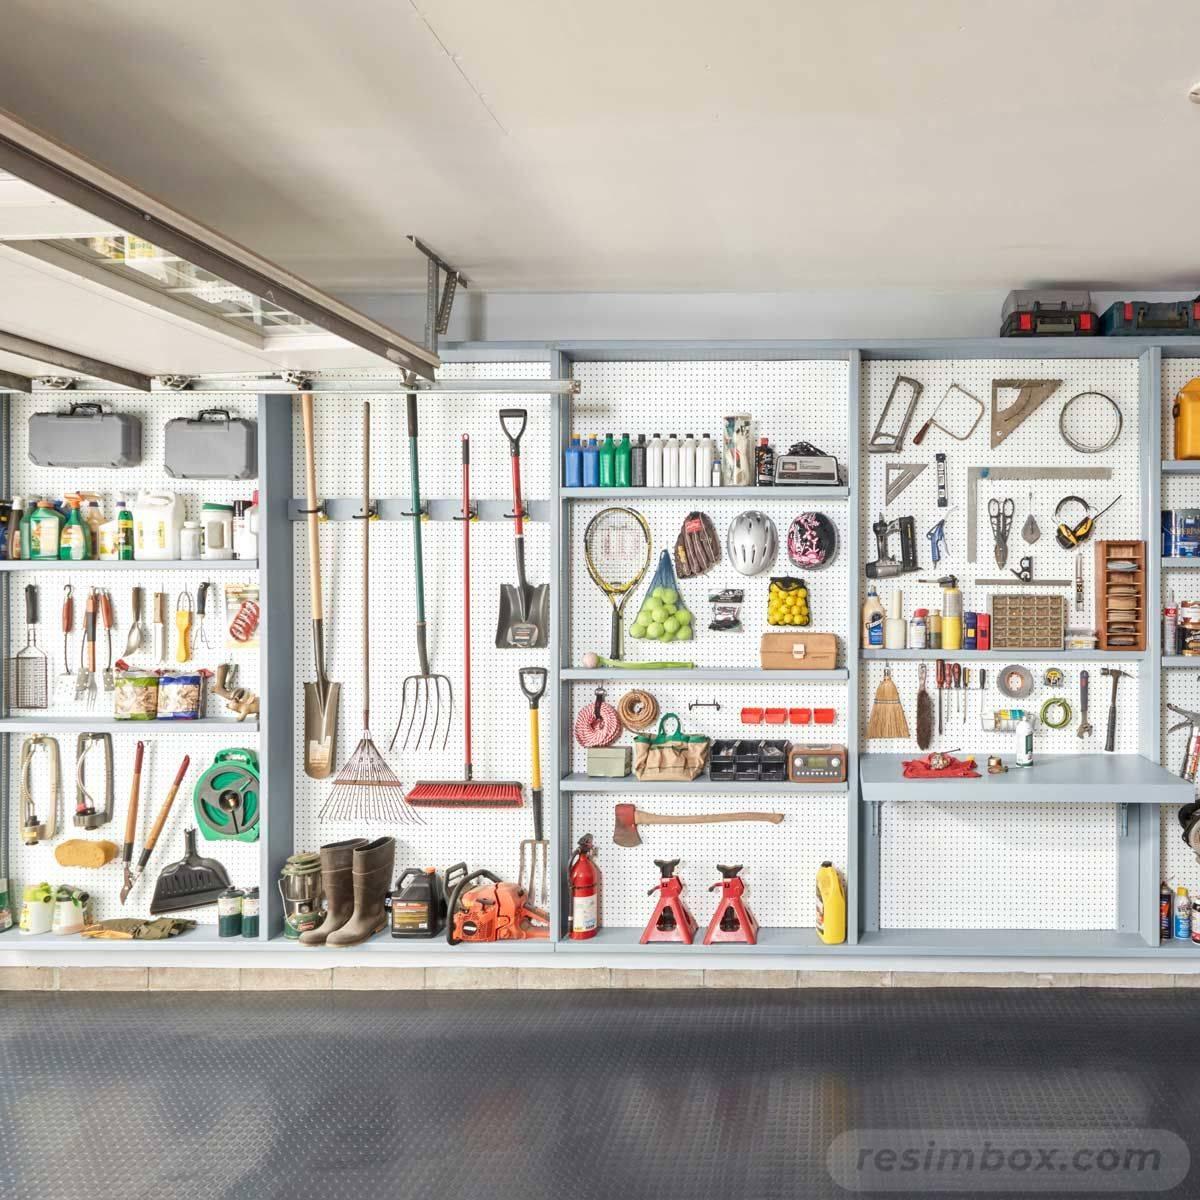 garden garage ideas-241153755029358150